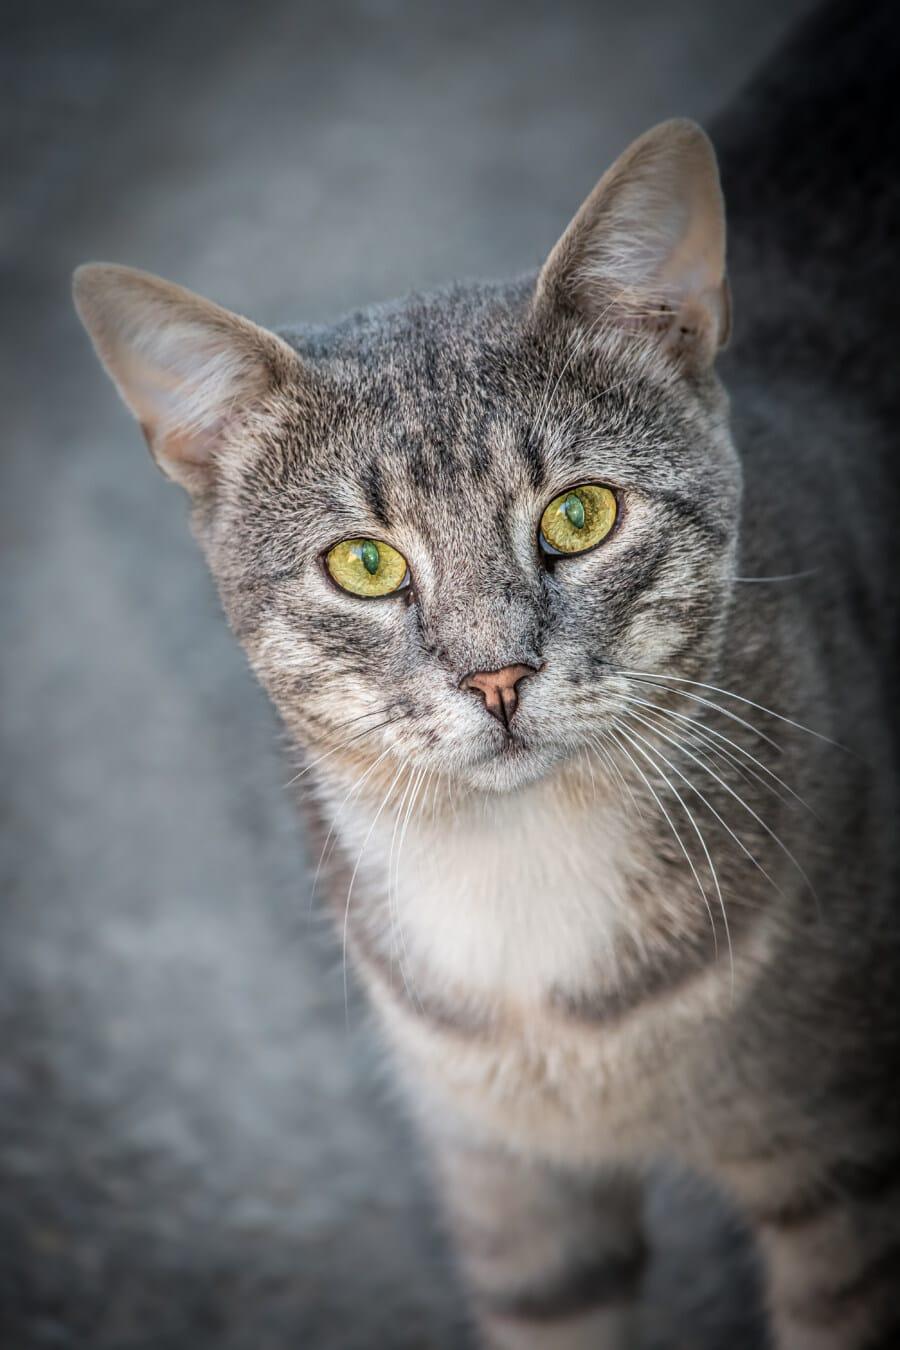 портрет, величествен, очите, домашна котка, лъскава котка, едър план, главата, котка, мустак, домашен любимец